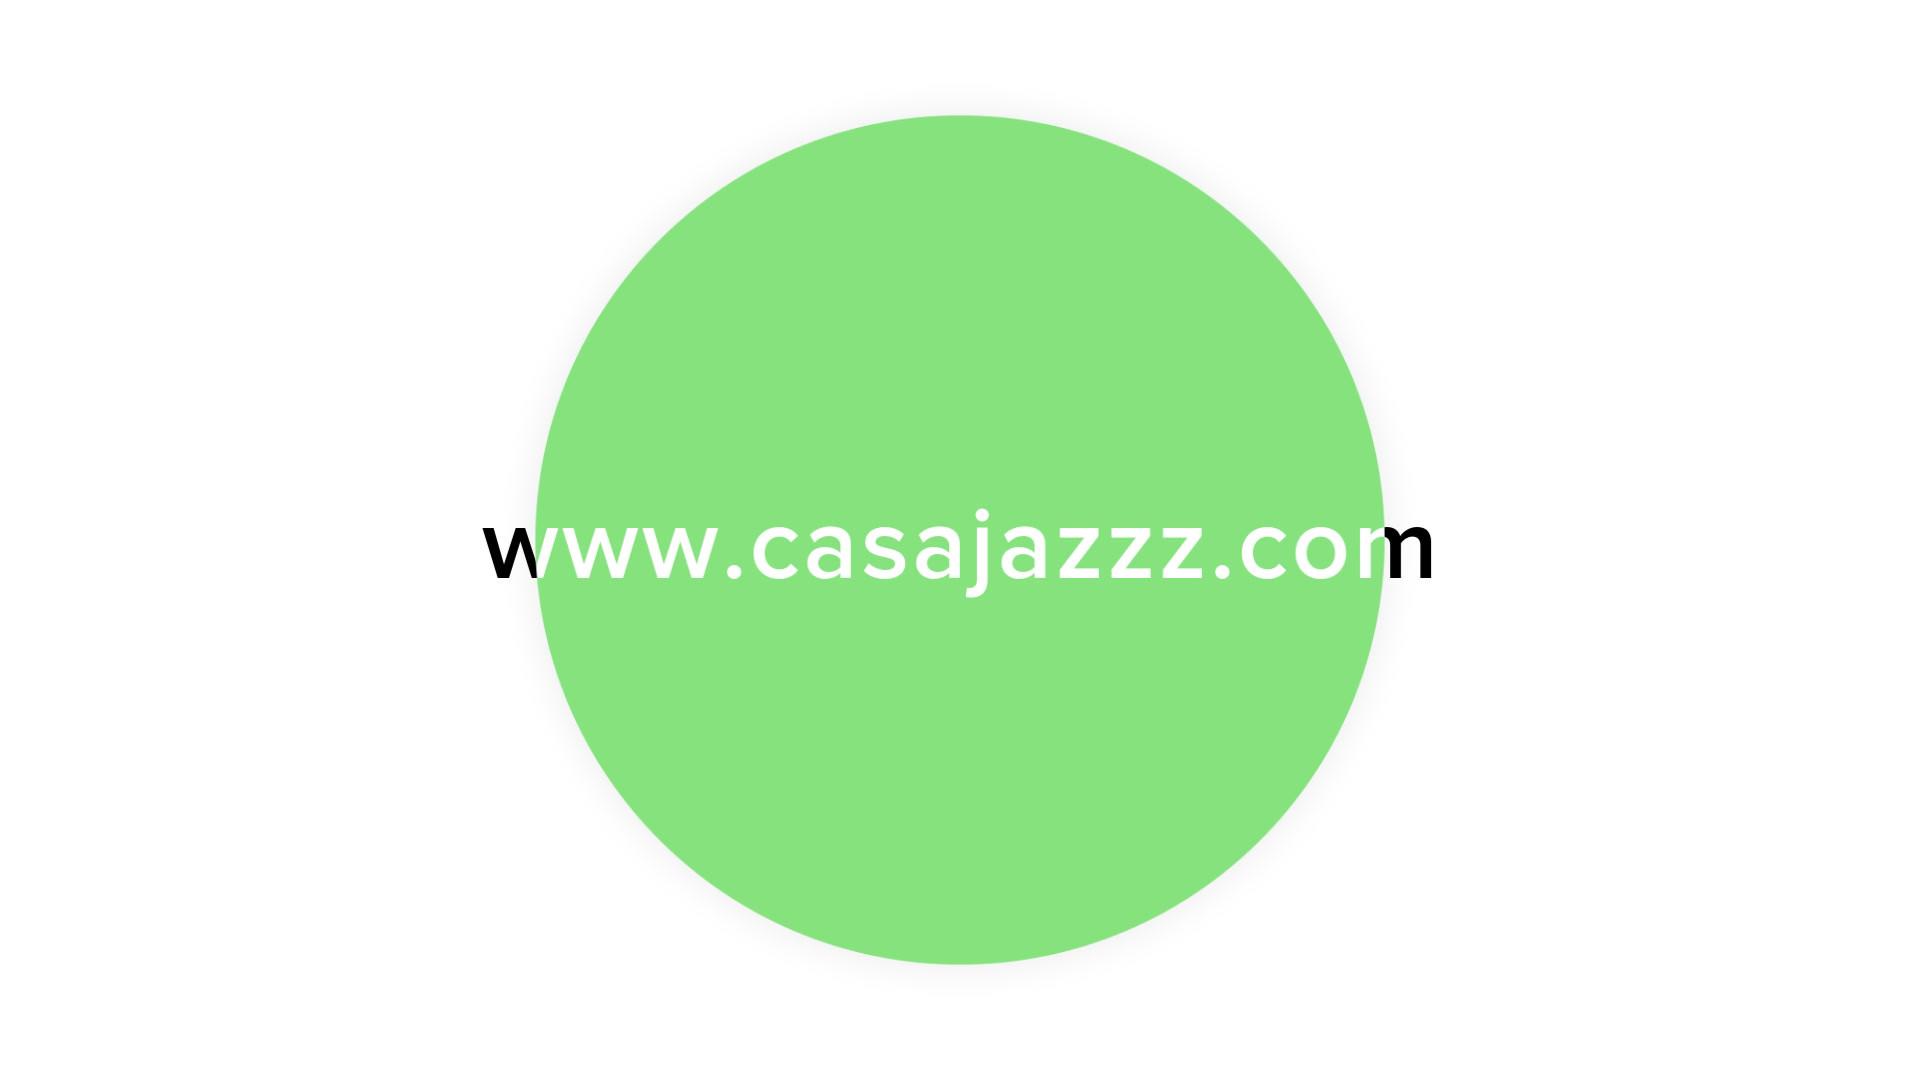 #muéveteencasa_Casa_Jazz_Danza_Aérea